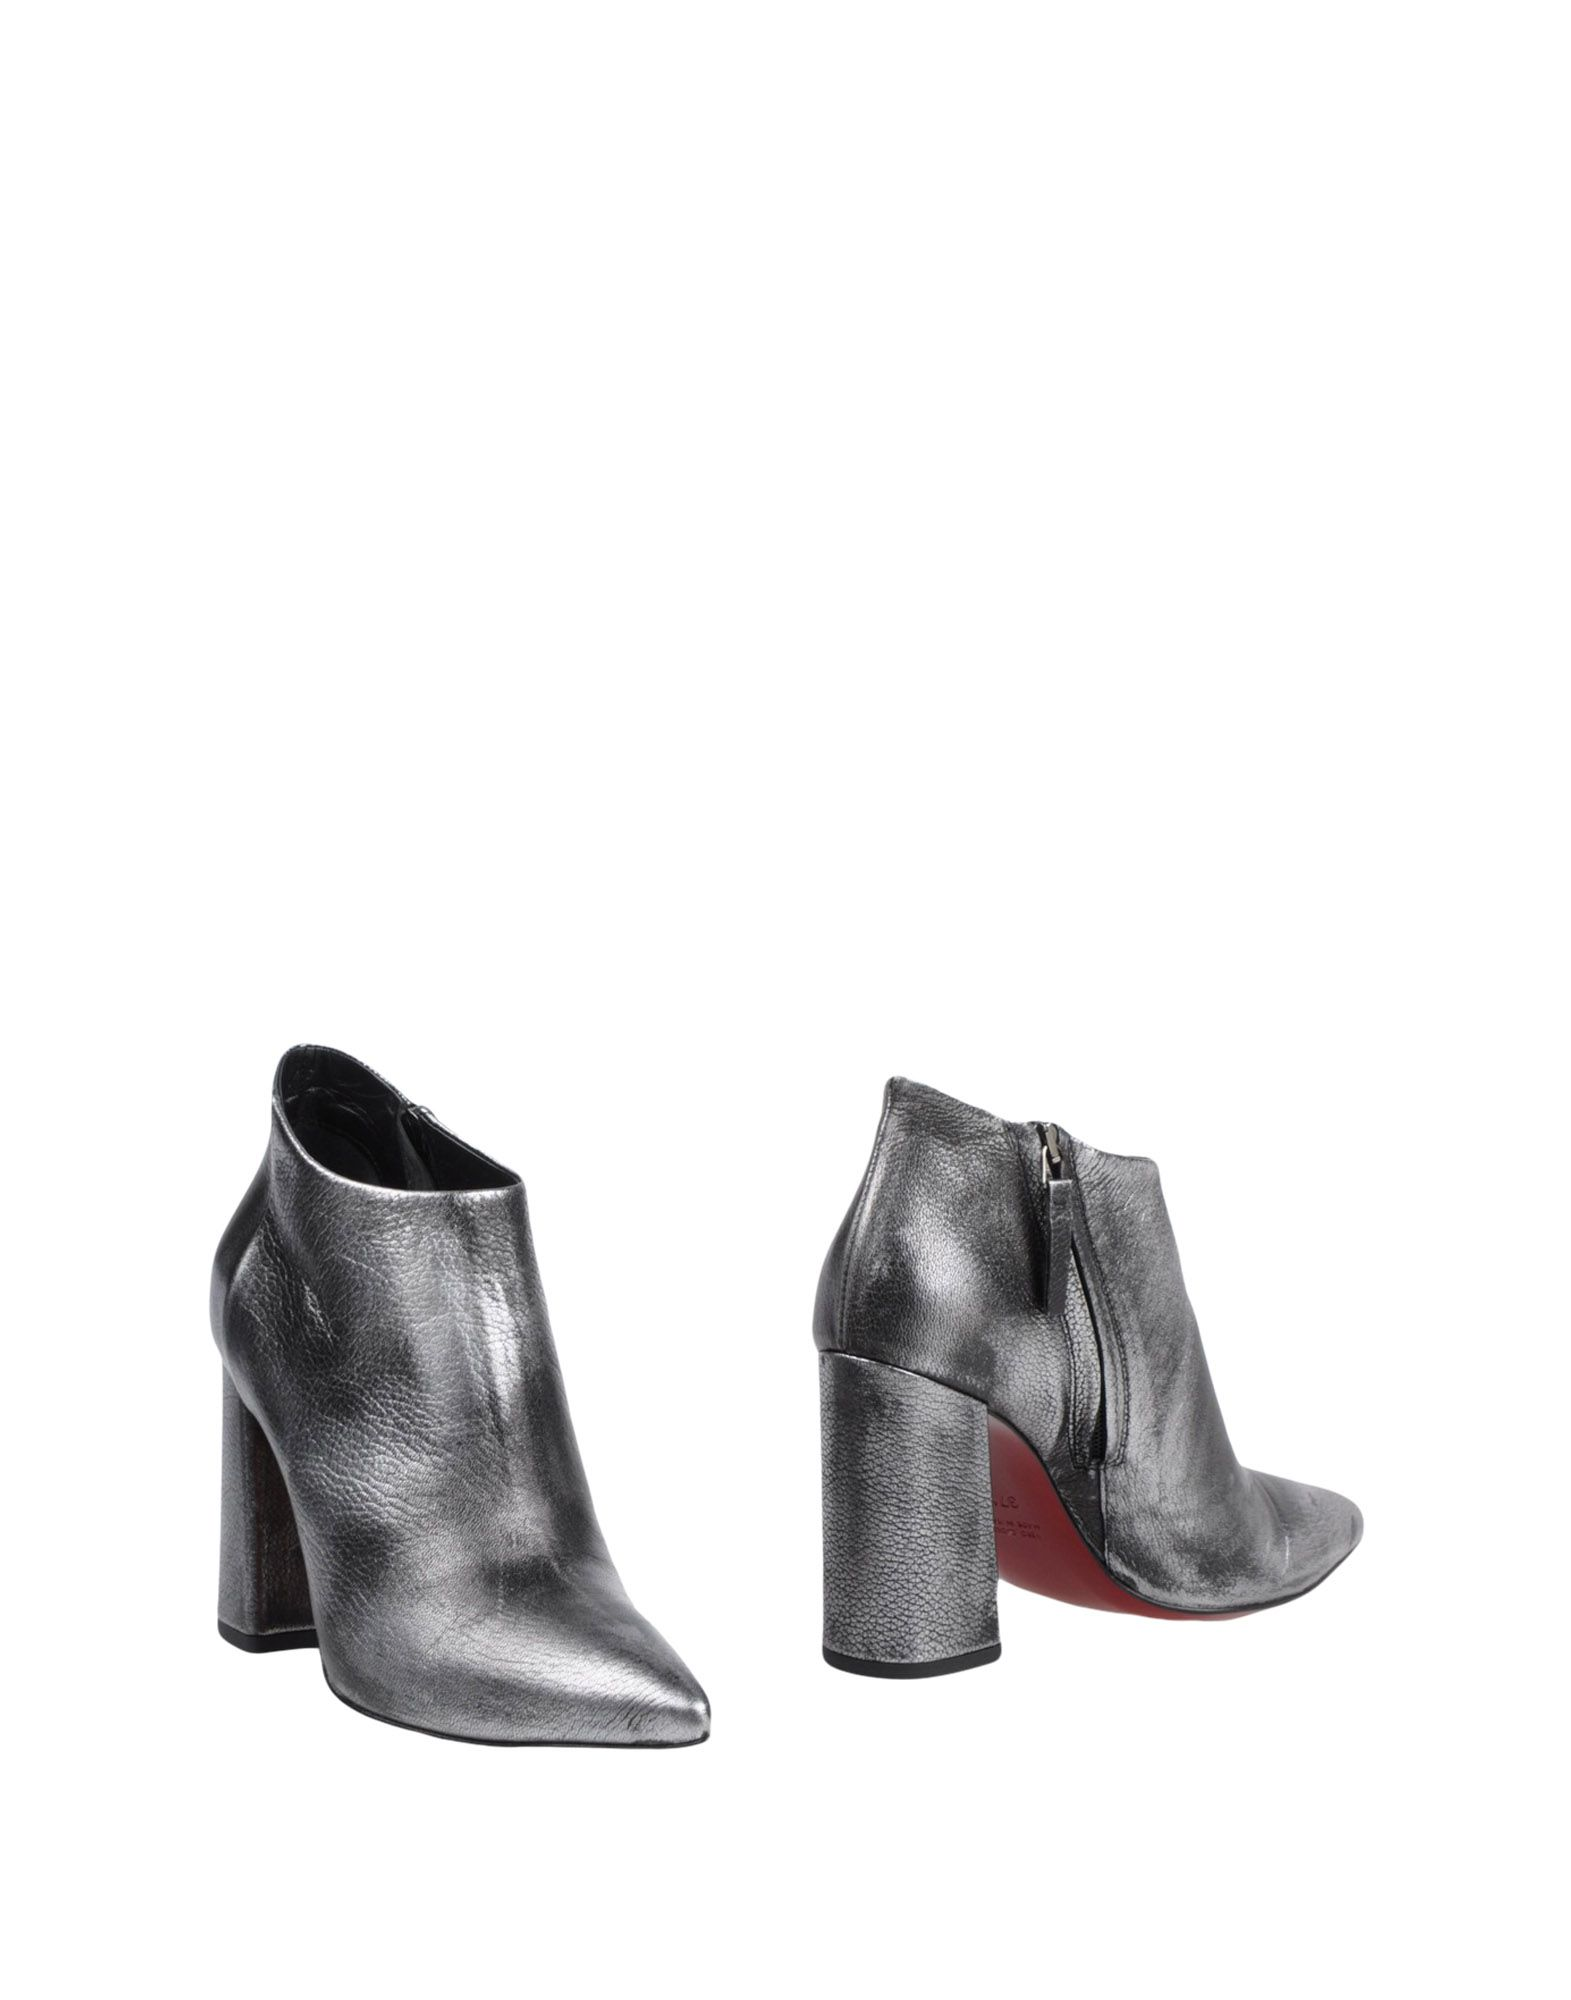 Couture Stiefelette Damen  11242916QAGut aussehende strapazierfähige Schuhe